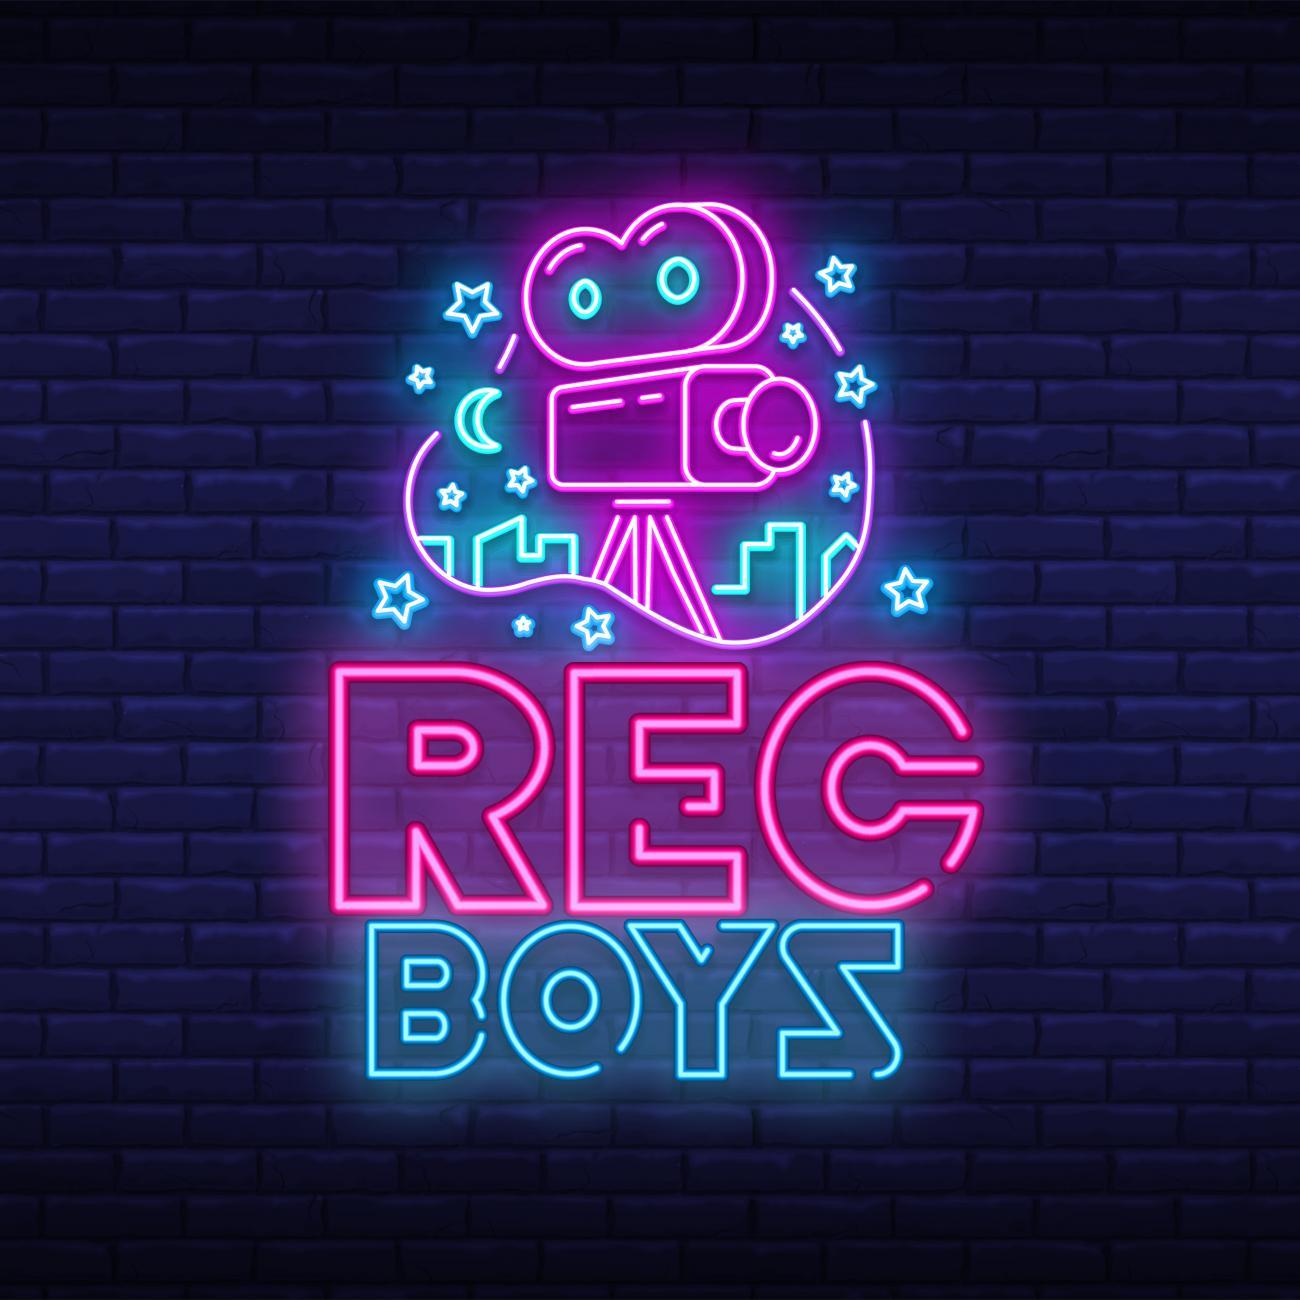 Rec Boys Mateusz Grzelak